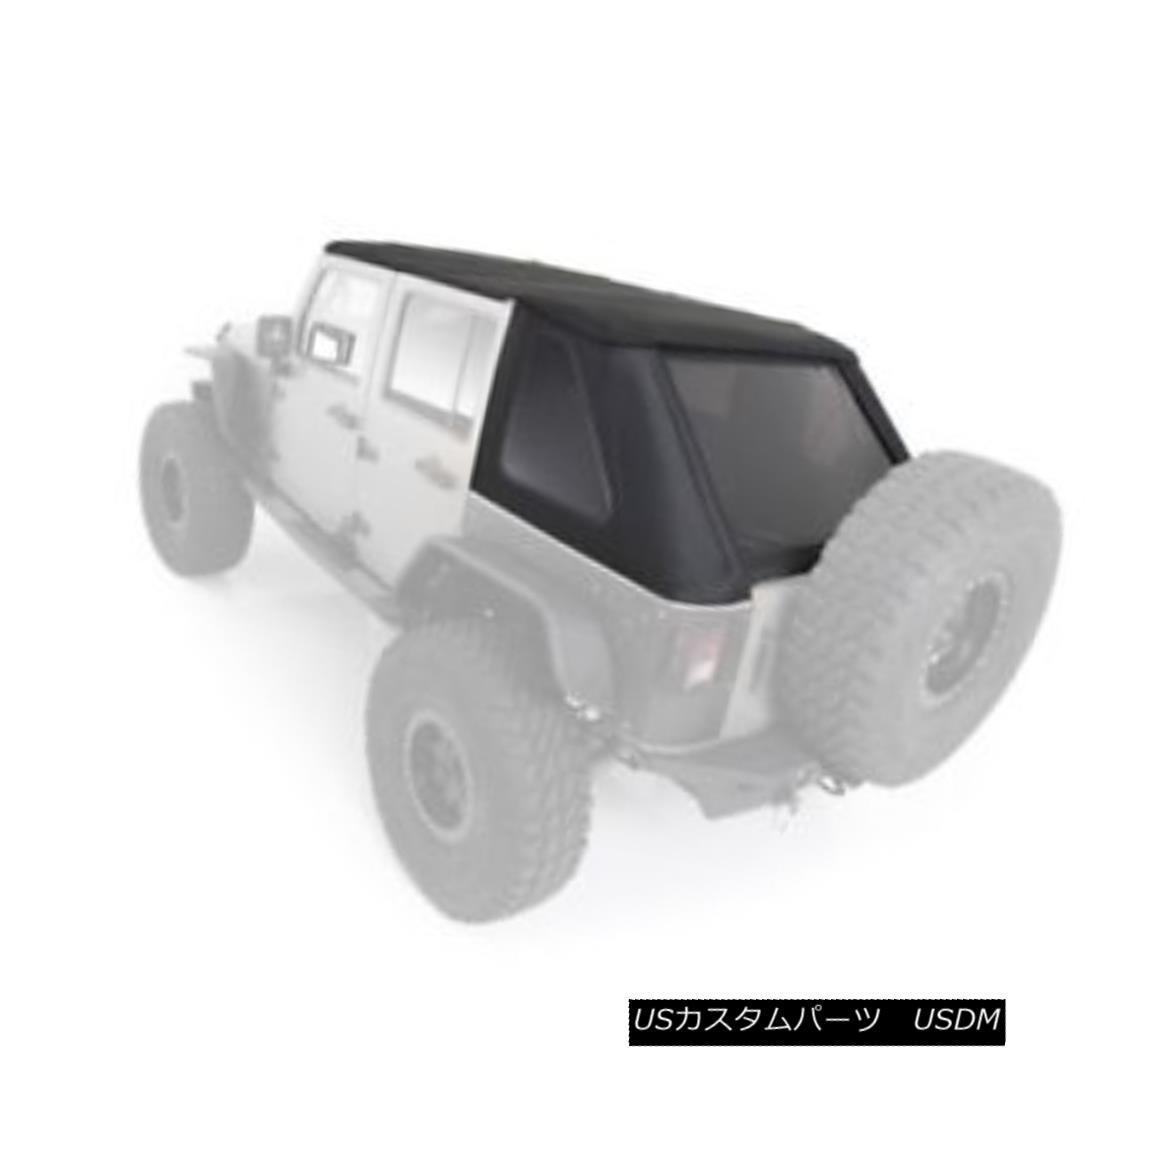 幌・ソフトトップ Smittybilt 9083235 Bowless Combo Soft Top For 2010-2015 Jeep JK Wrangler Smittybilt 9083235 Bowless Comboソフトトップ2010-2015 Jeep JK Wrangler